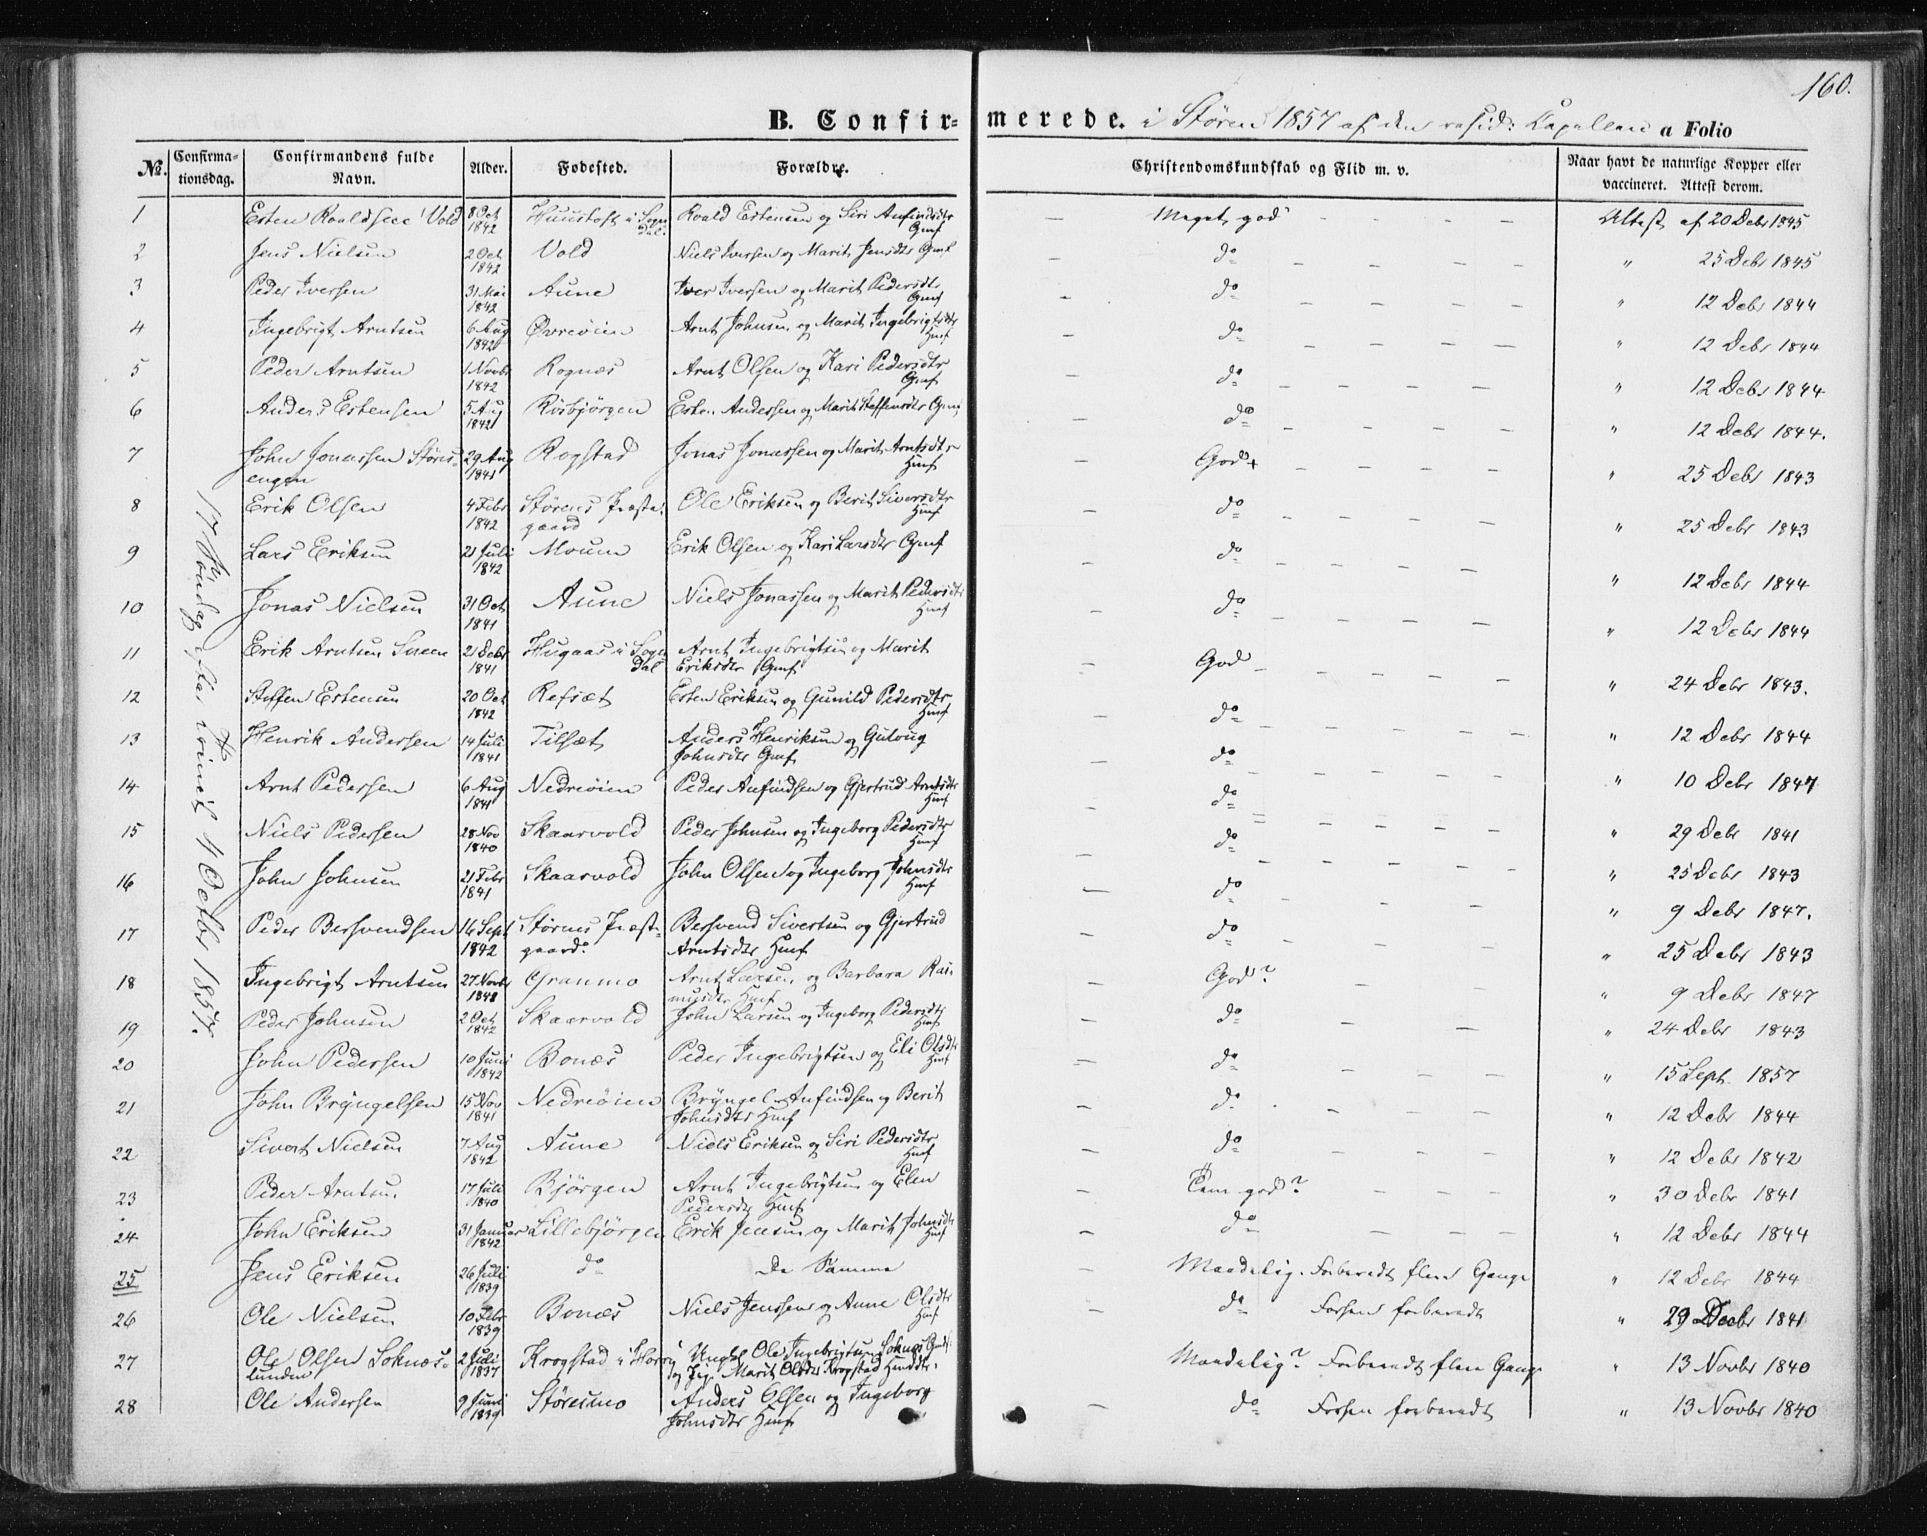 SAT, Ministerialprotokoller, klokkerbøker og fødselsregistre - Sør-Trøndelag, 687/L1000: Ministerialbok nr. 687A06, 1848-1869, s. 160